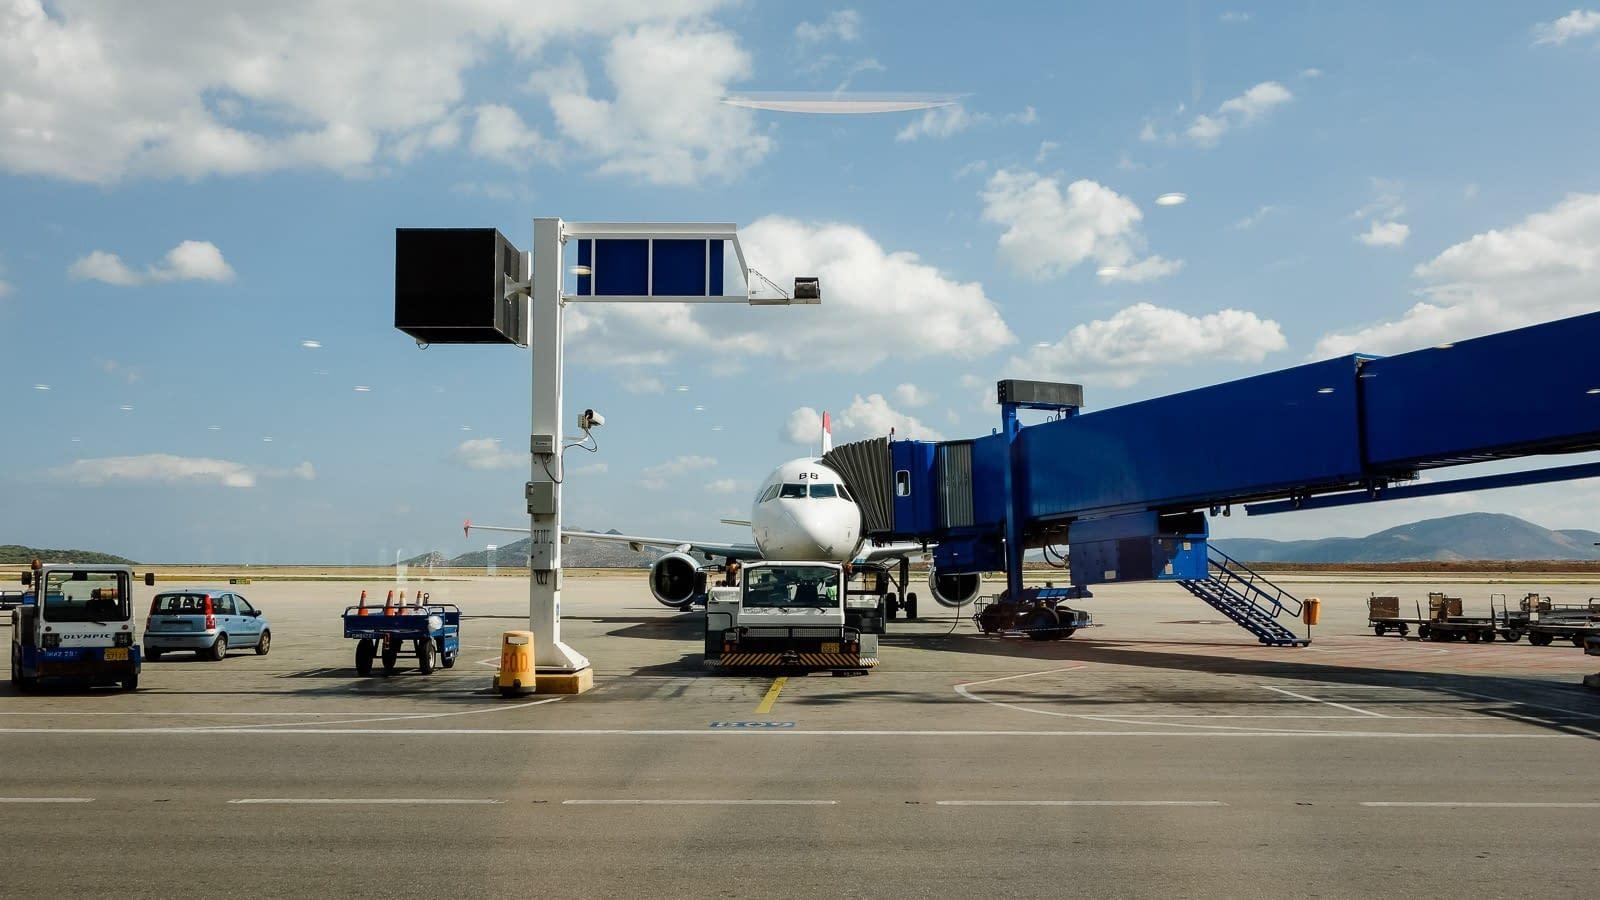 Flughafen Wien Gate